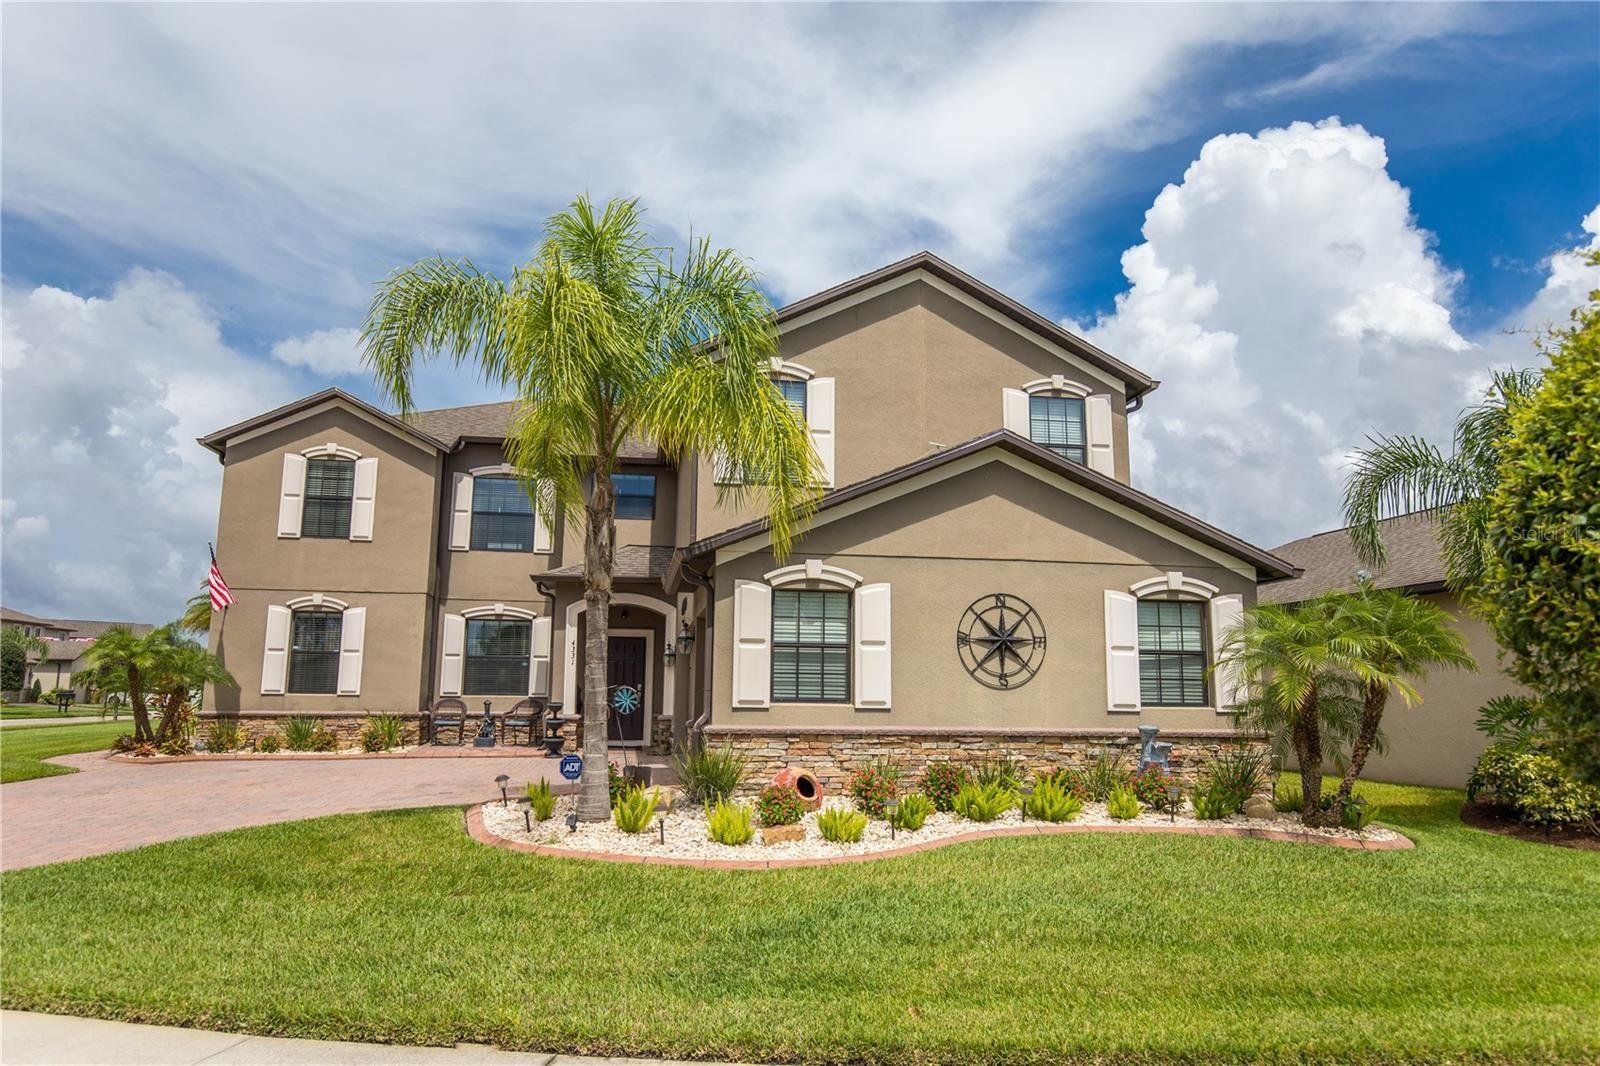 4331 SUMMER BREEZE WAY, Kissimmee, FL 34744 - #: S5053622